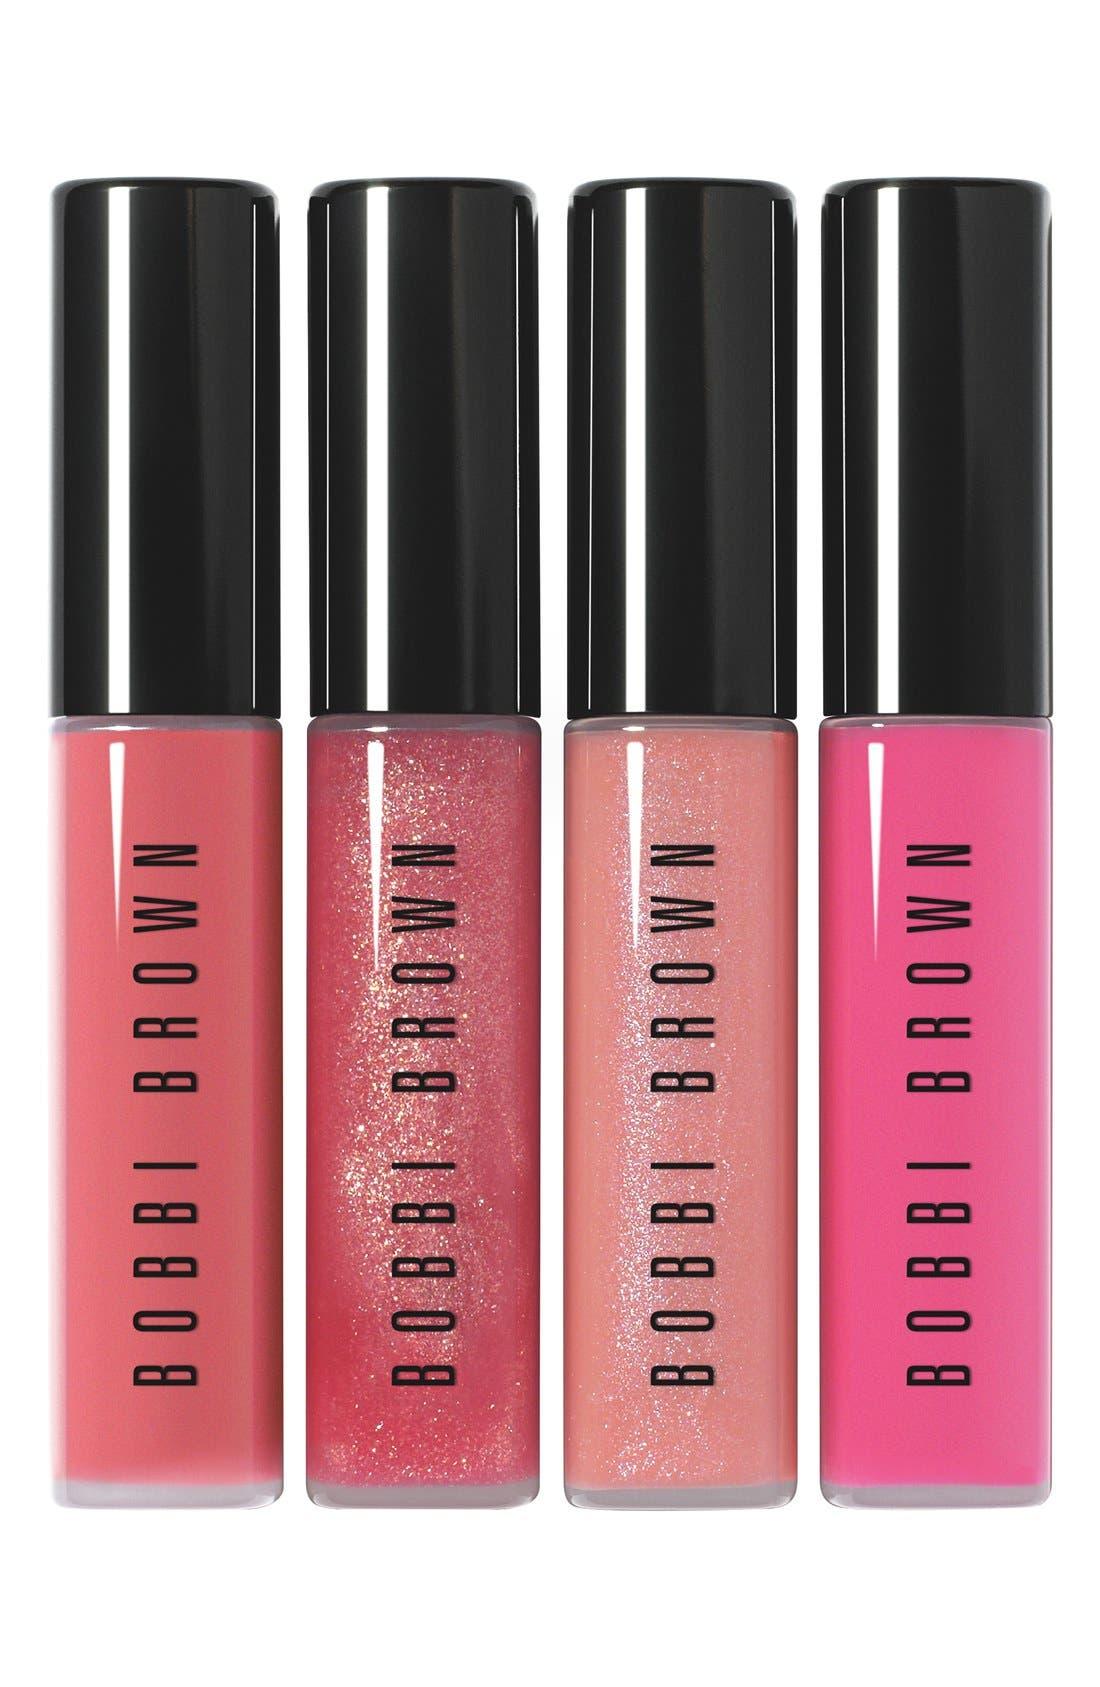 'Pretty Pink Ribbon' Lip Gloss Collection,                             Main thumbnail 1, color,                             000